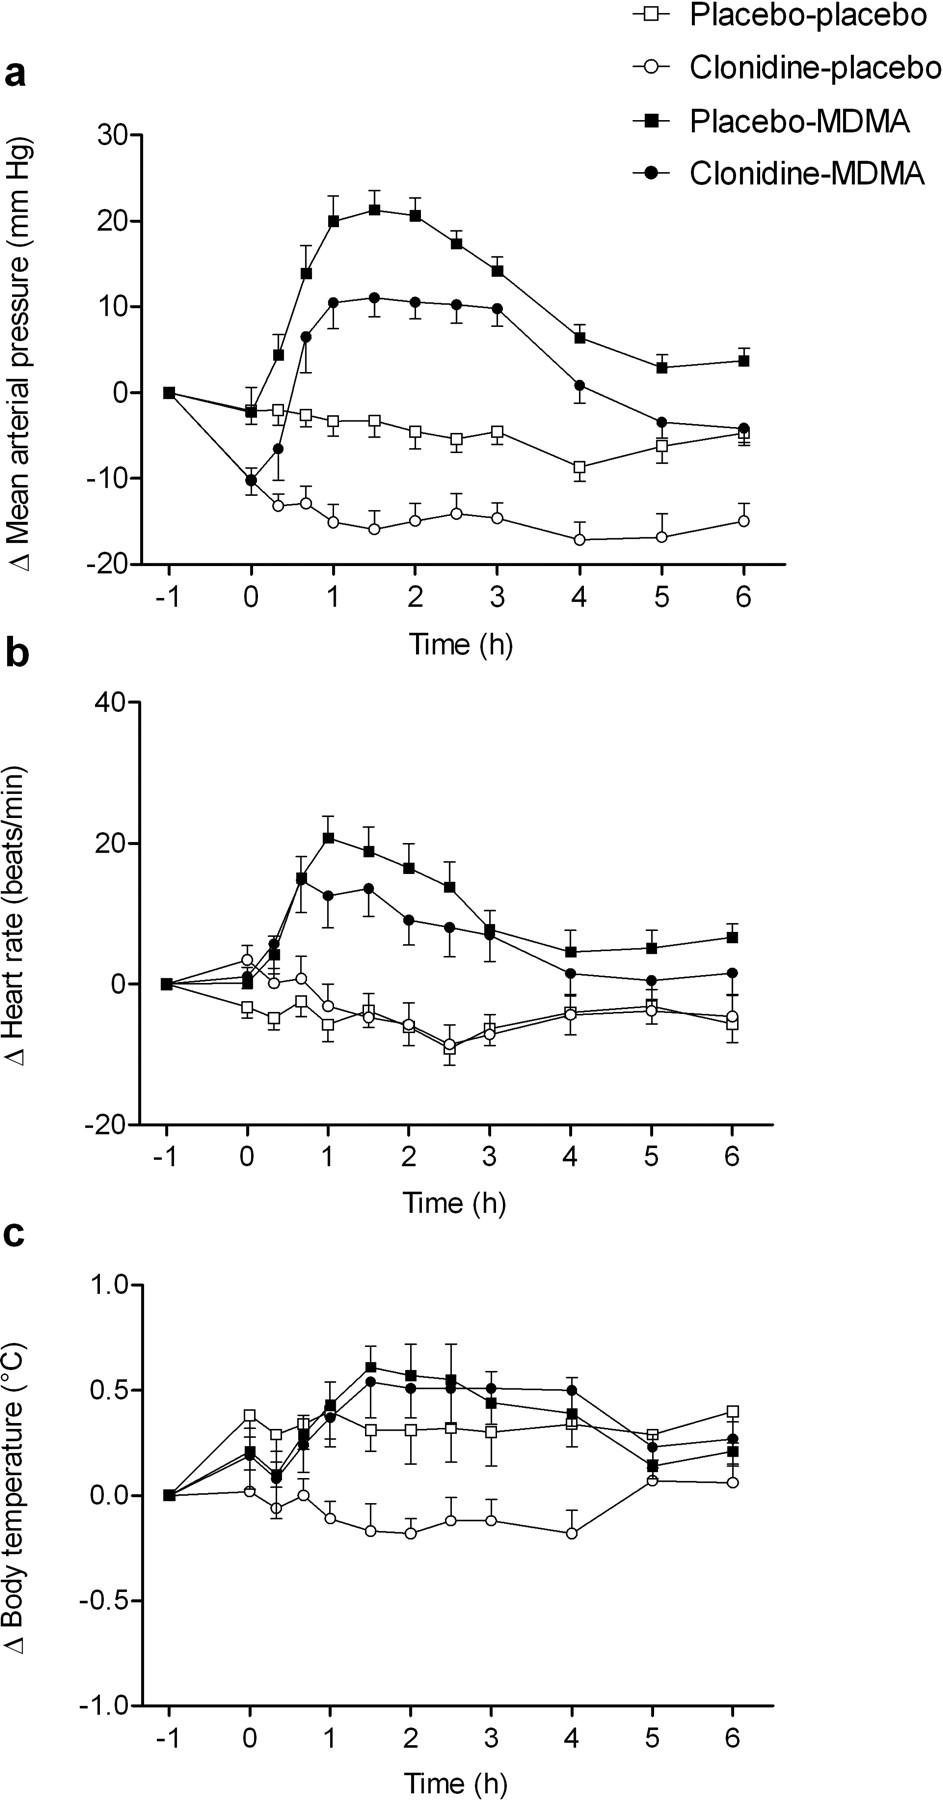 erfahrungen mit nebenwirkungen bei einnahme von arcoxia 90 mg